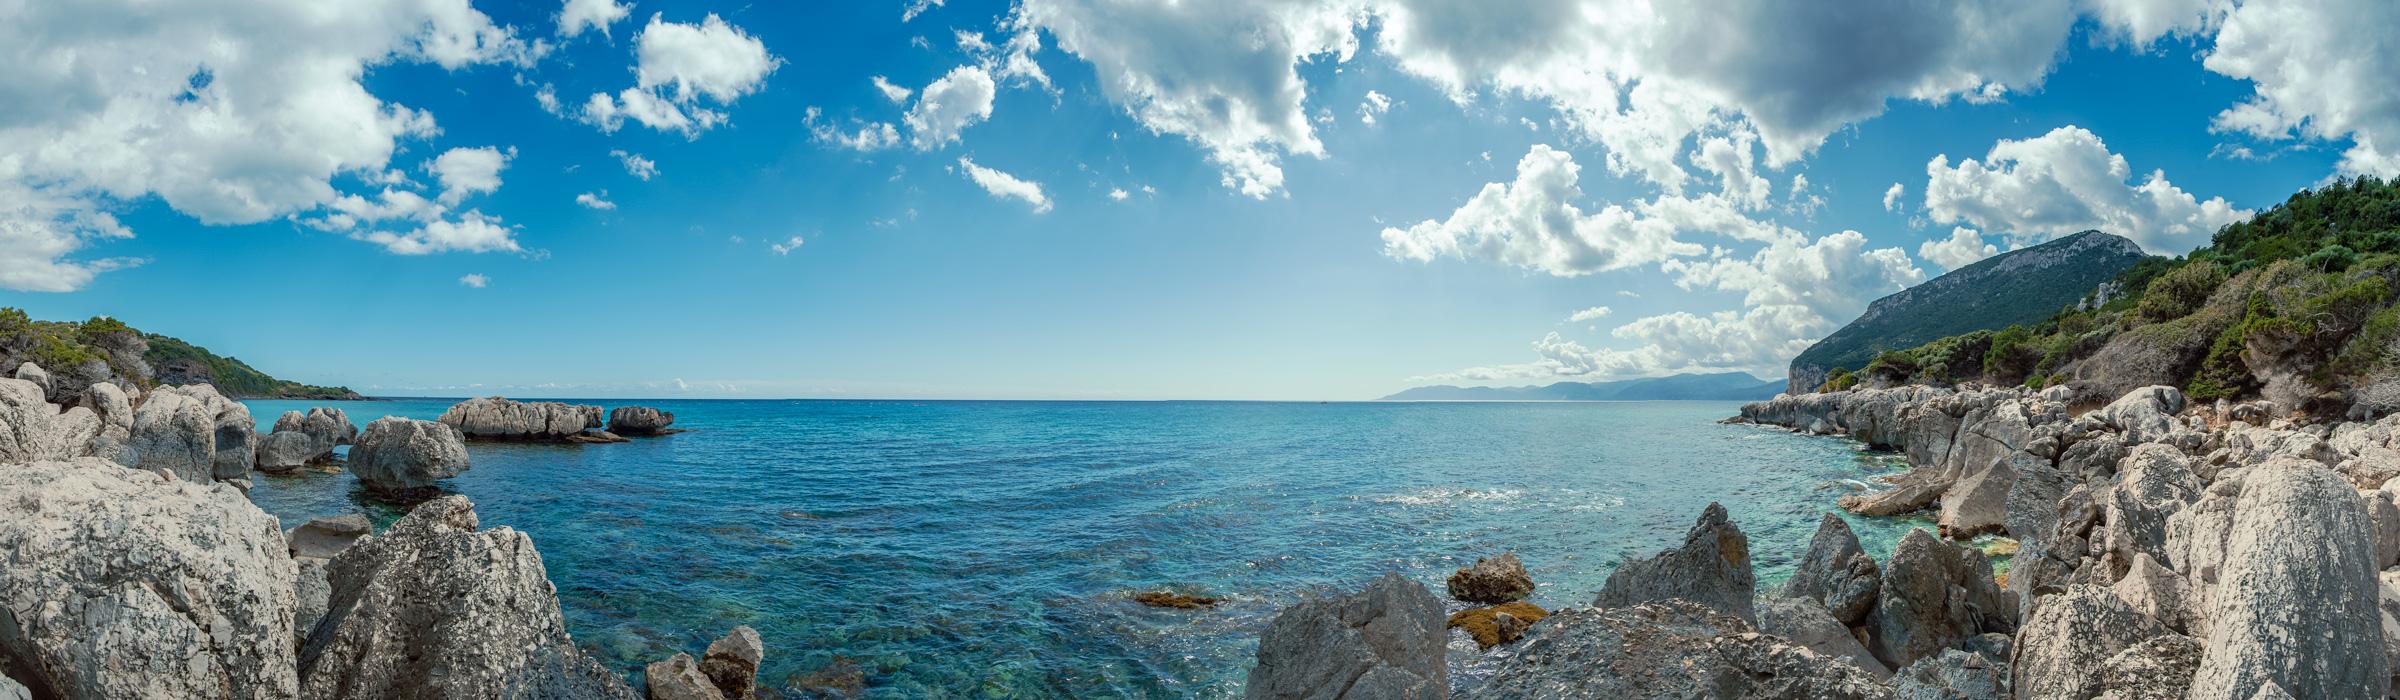 Fotoreise Sardinien